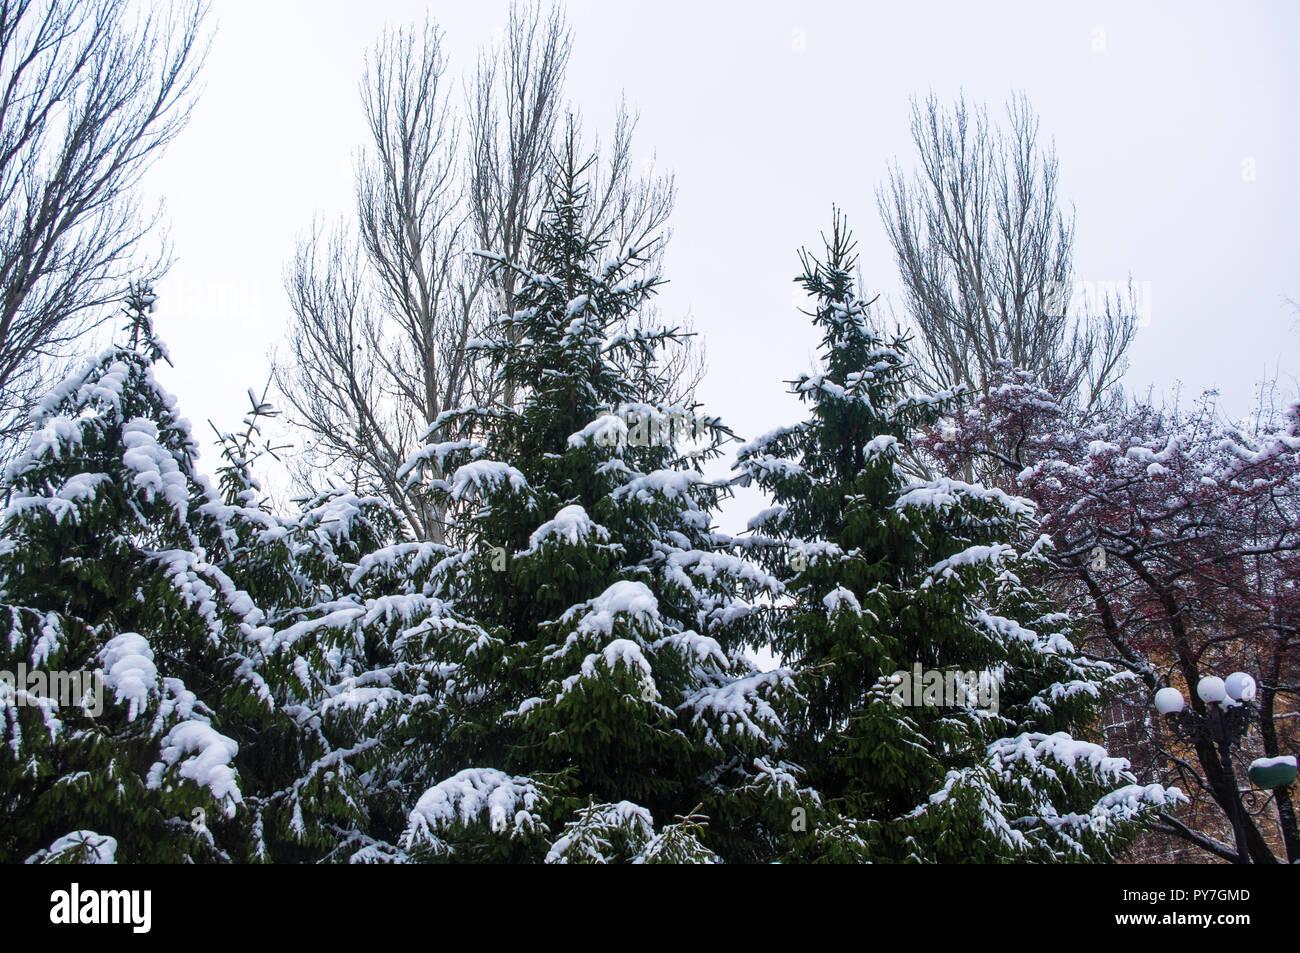 Grüne flauschige Tanne im Schnee, Weihnachten wallpaper Konzept ...